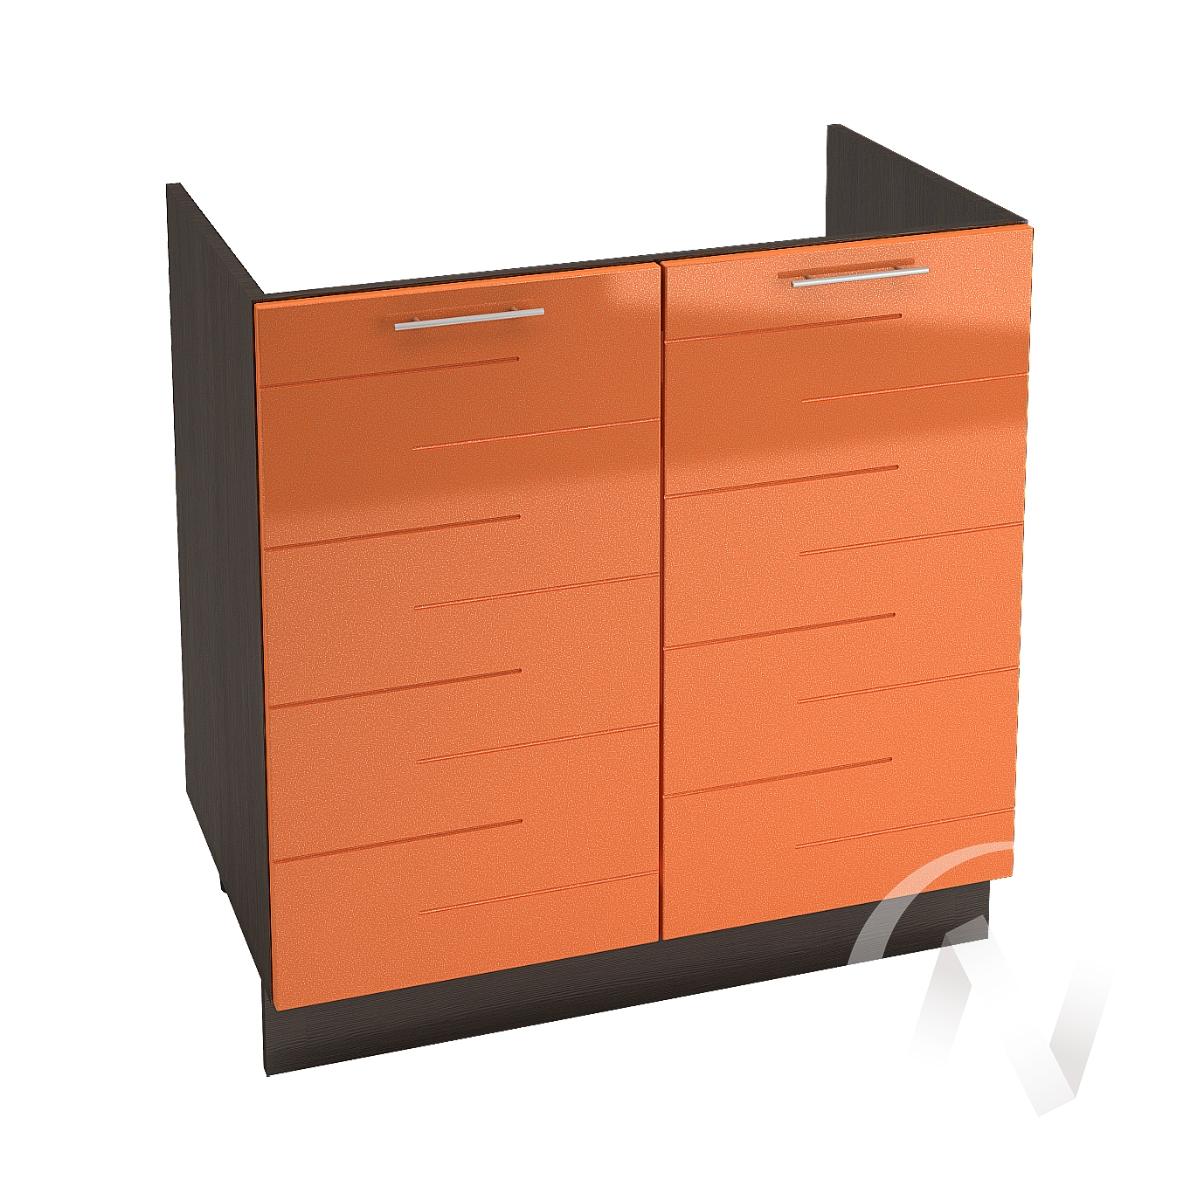 """Кухня """"Техно"""": Шкаф нижний под мойку 800, ШНМ 800 (корпус венге)"""